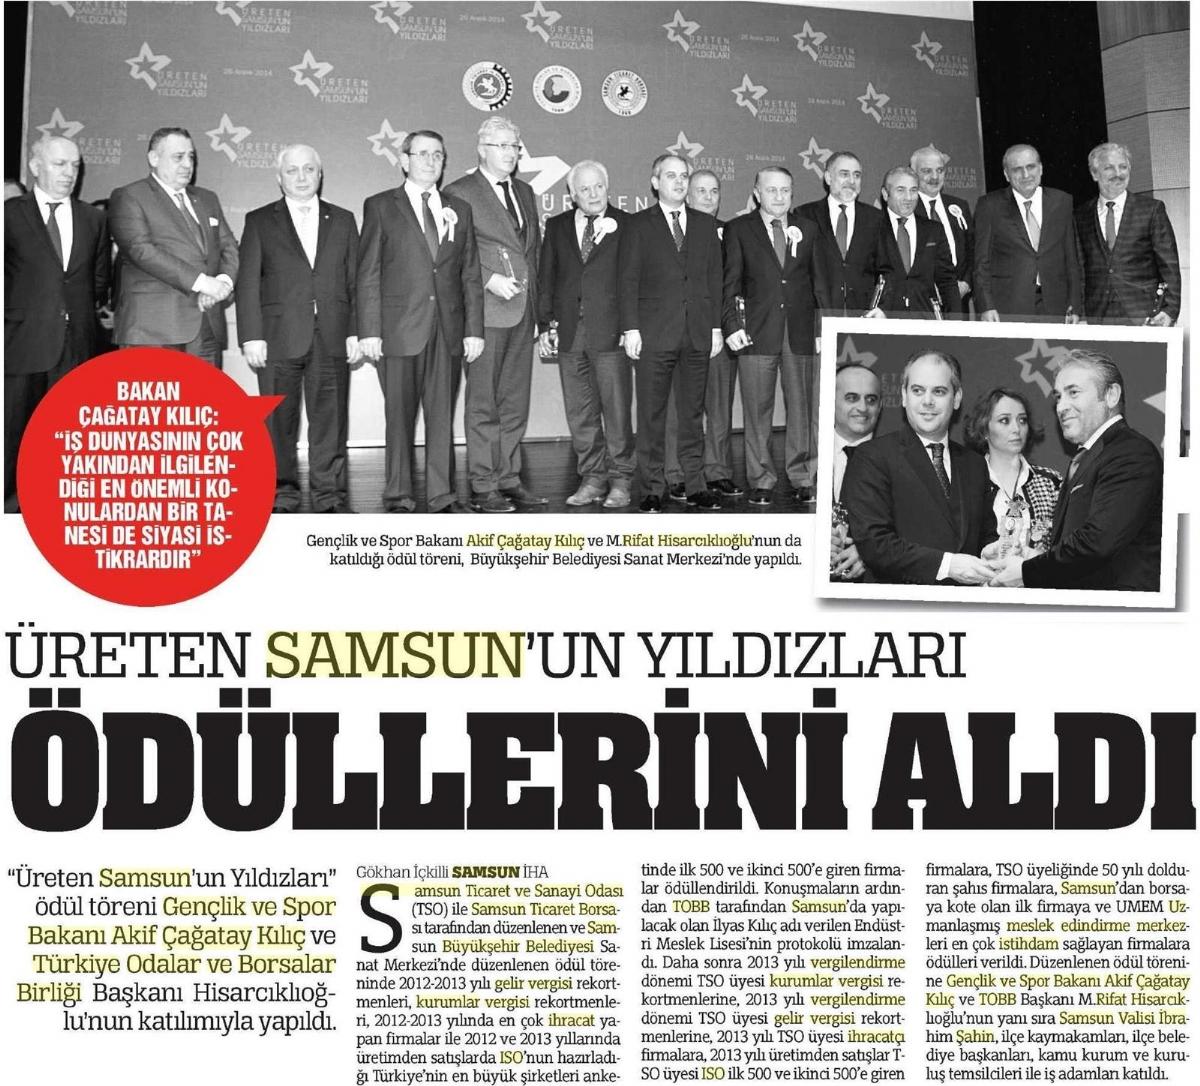 Üreten Samsun'un Yıldızları Ödülleri Aldı